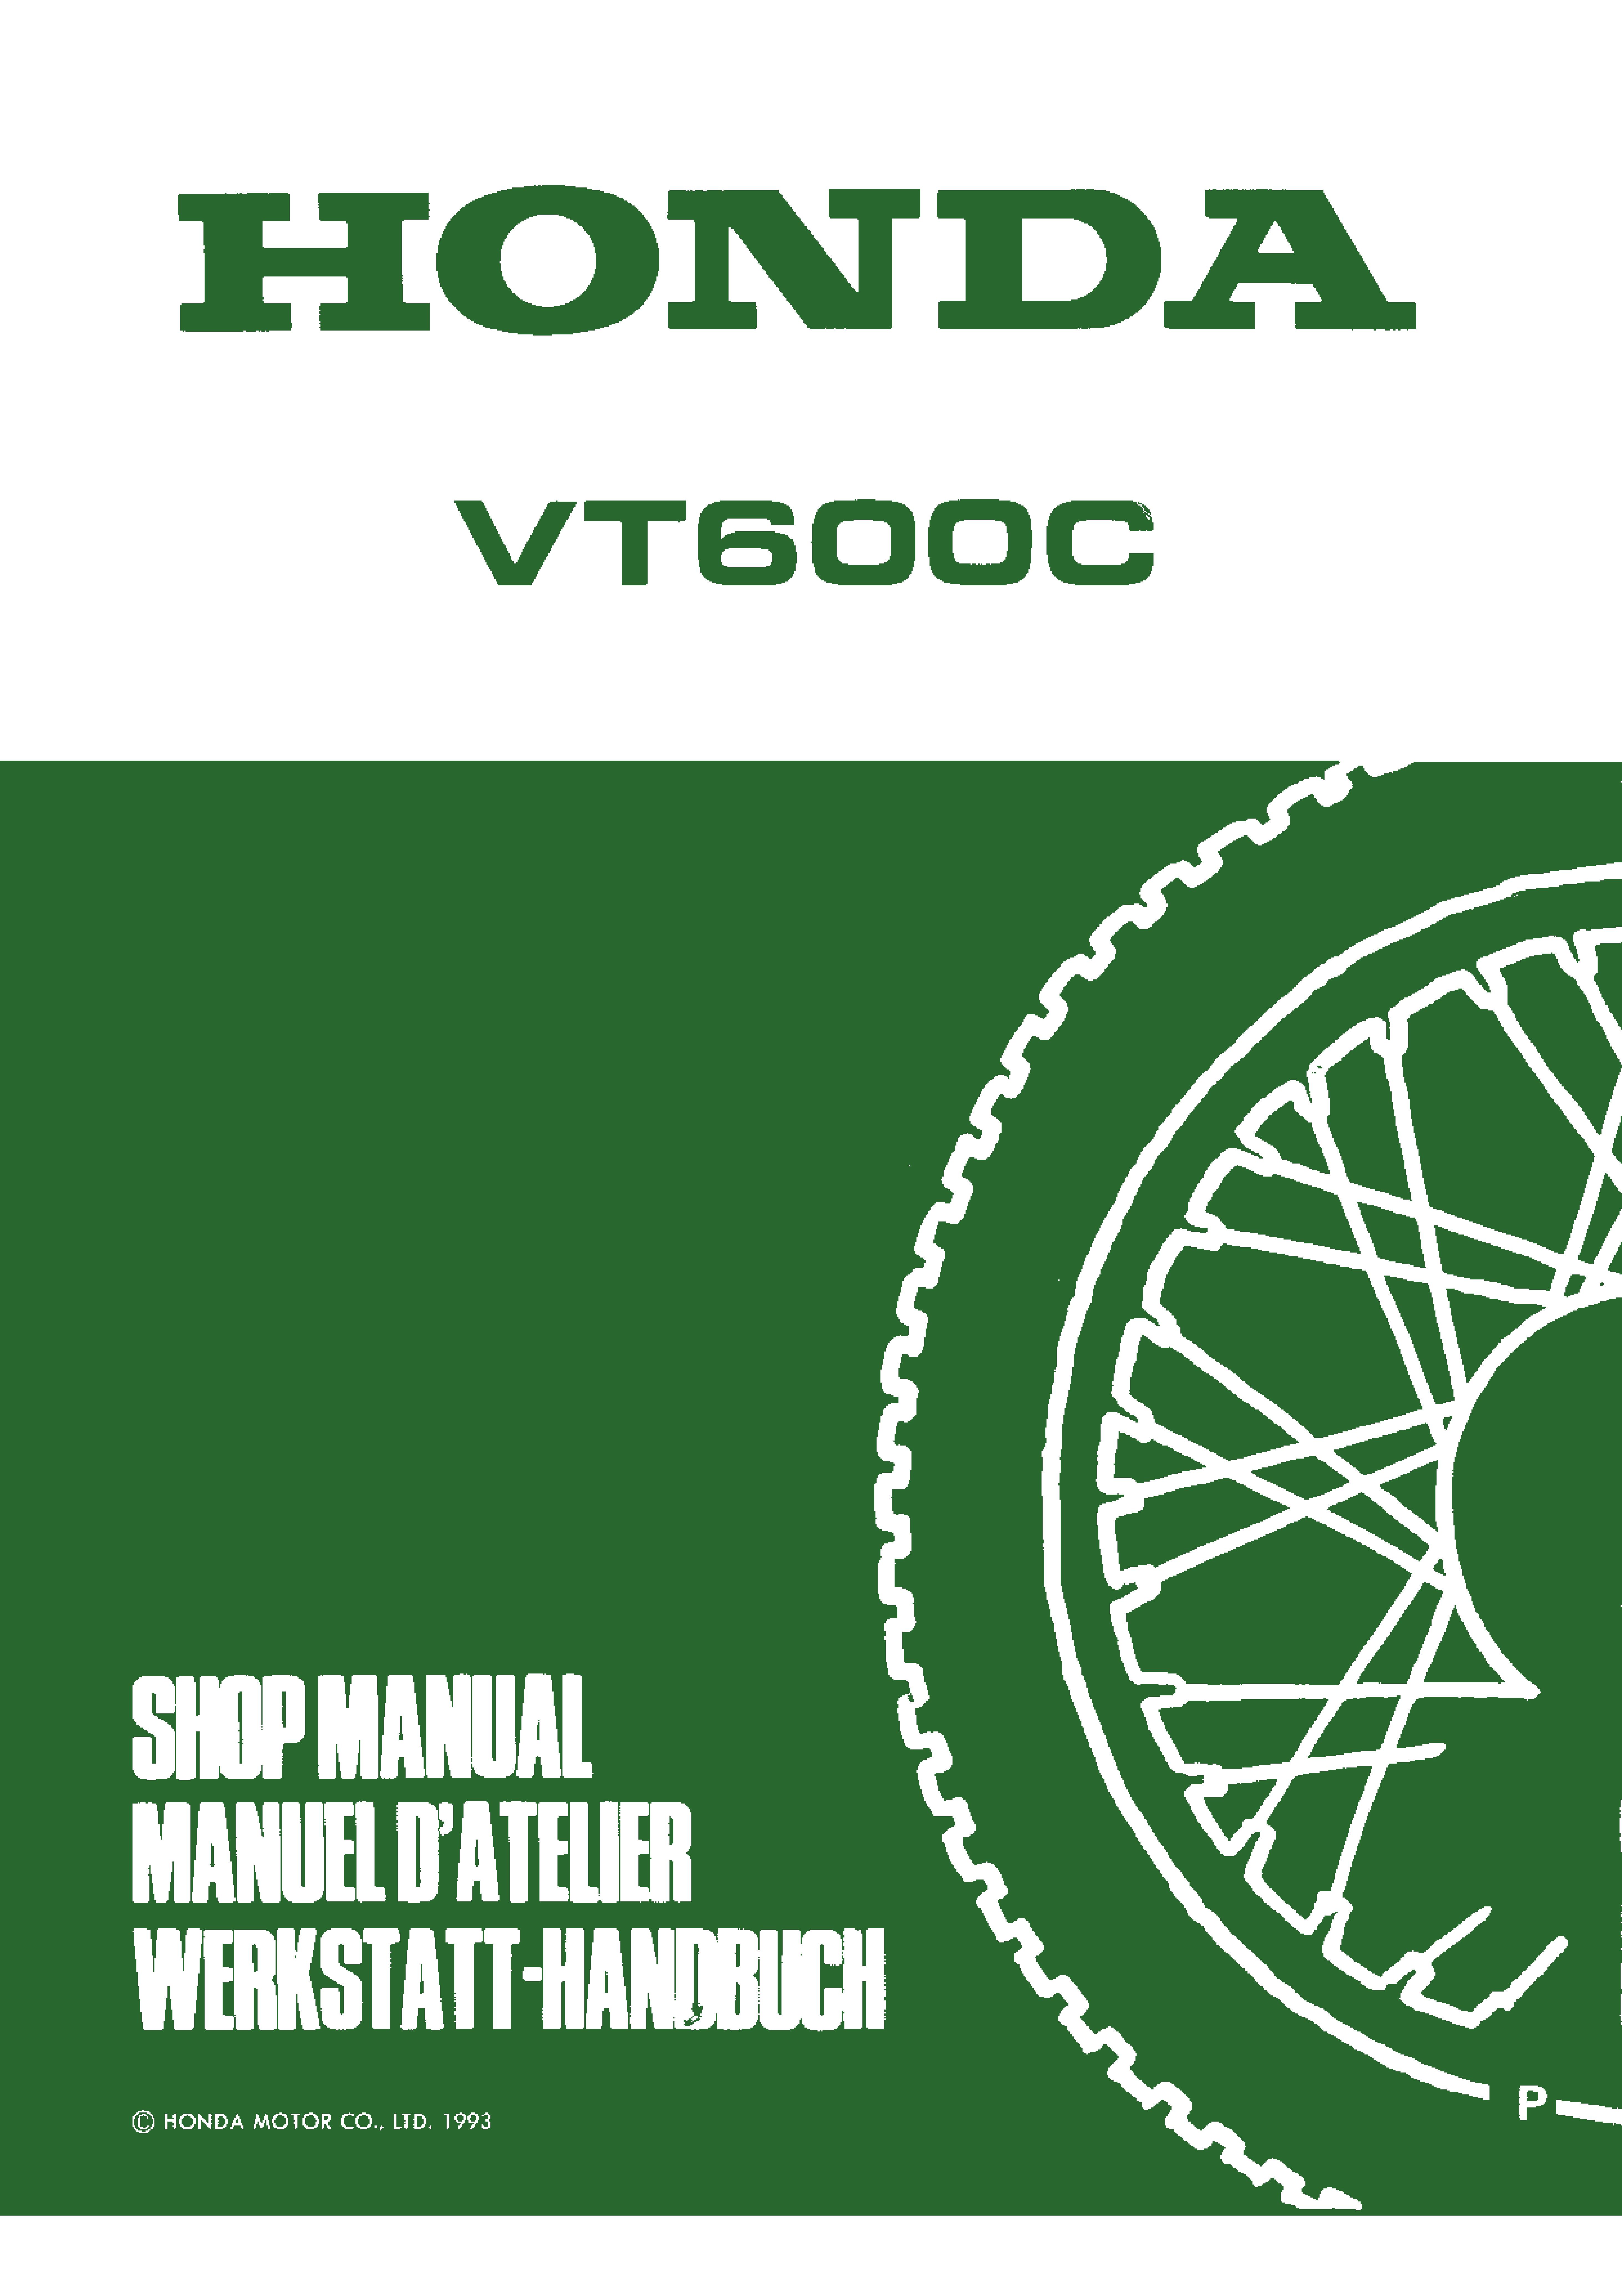 Workshop Manual for Honda VT600C (1993)